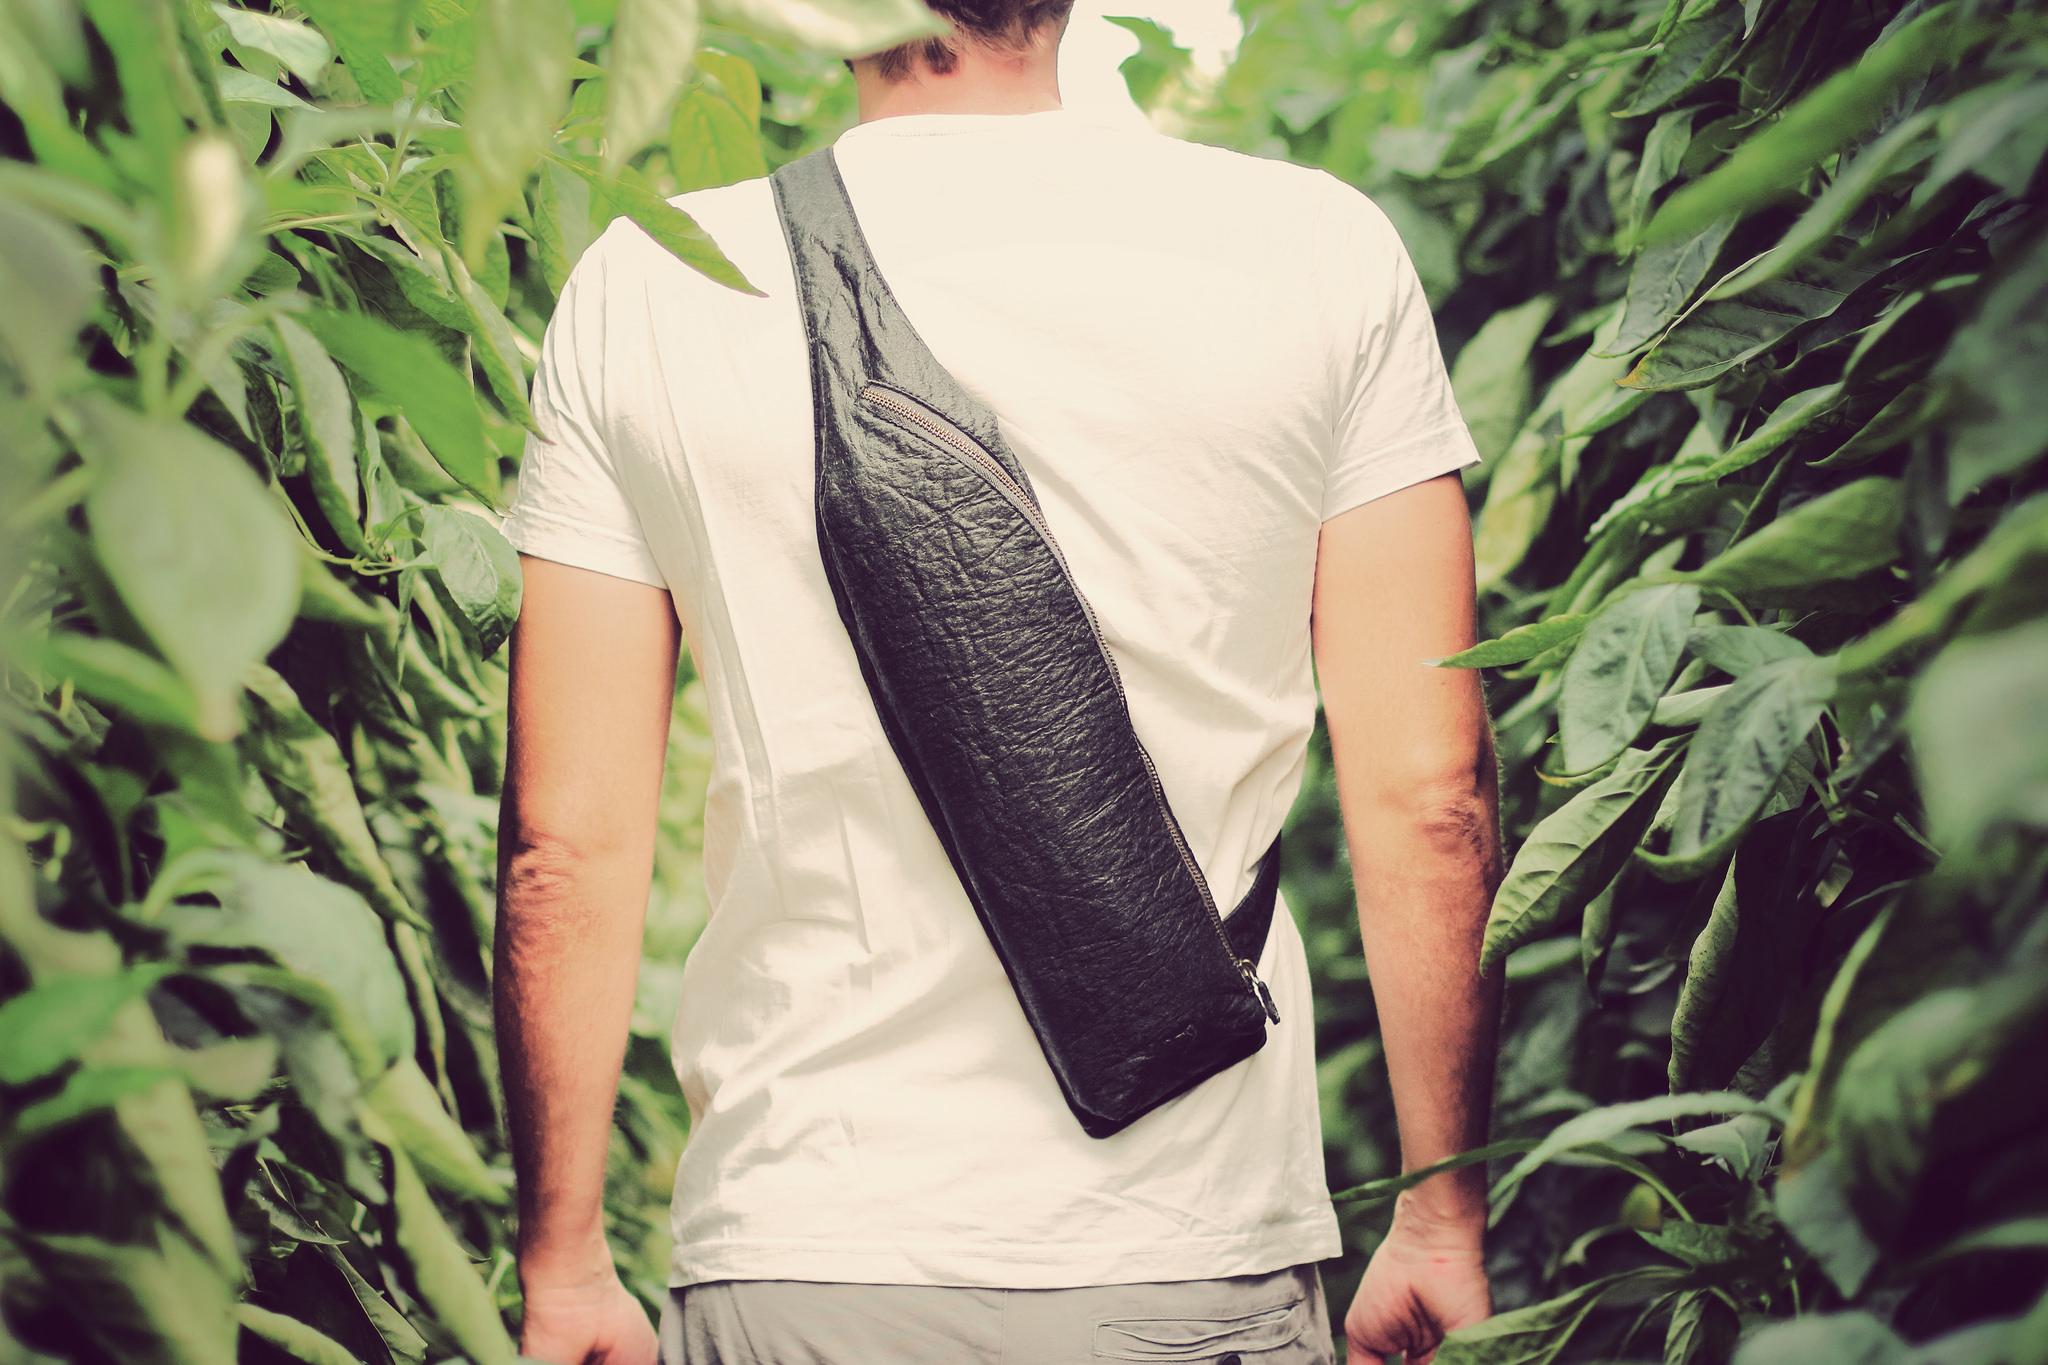 Mężczyzna stojący tyłem pośród zieleni w koszulce z krótkim rękawem i małym plecaku przełożonym przez ramę